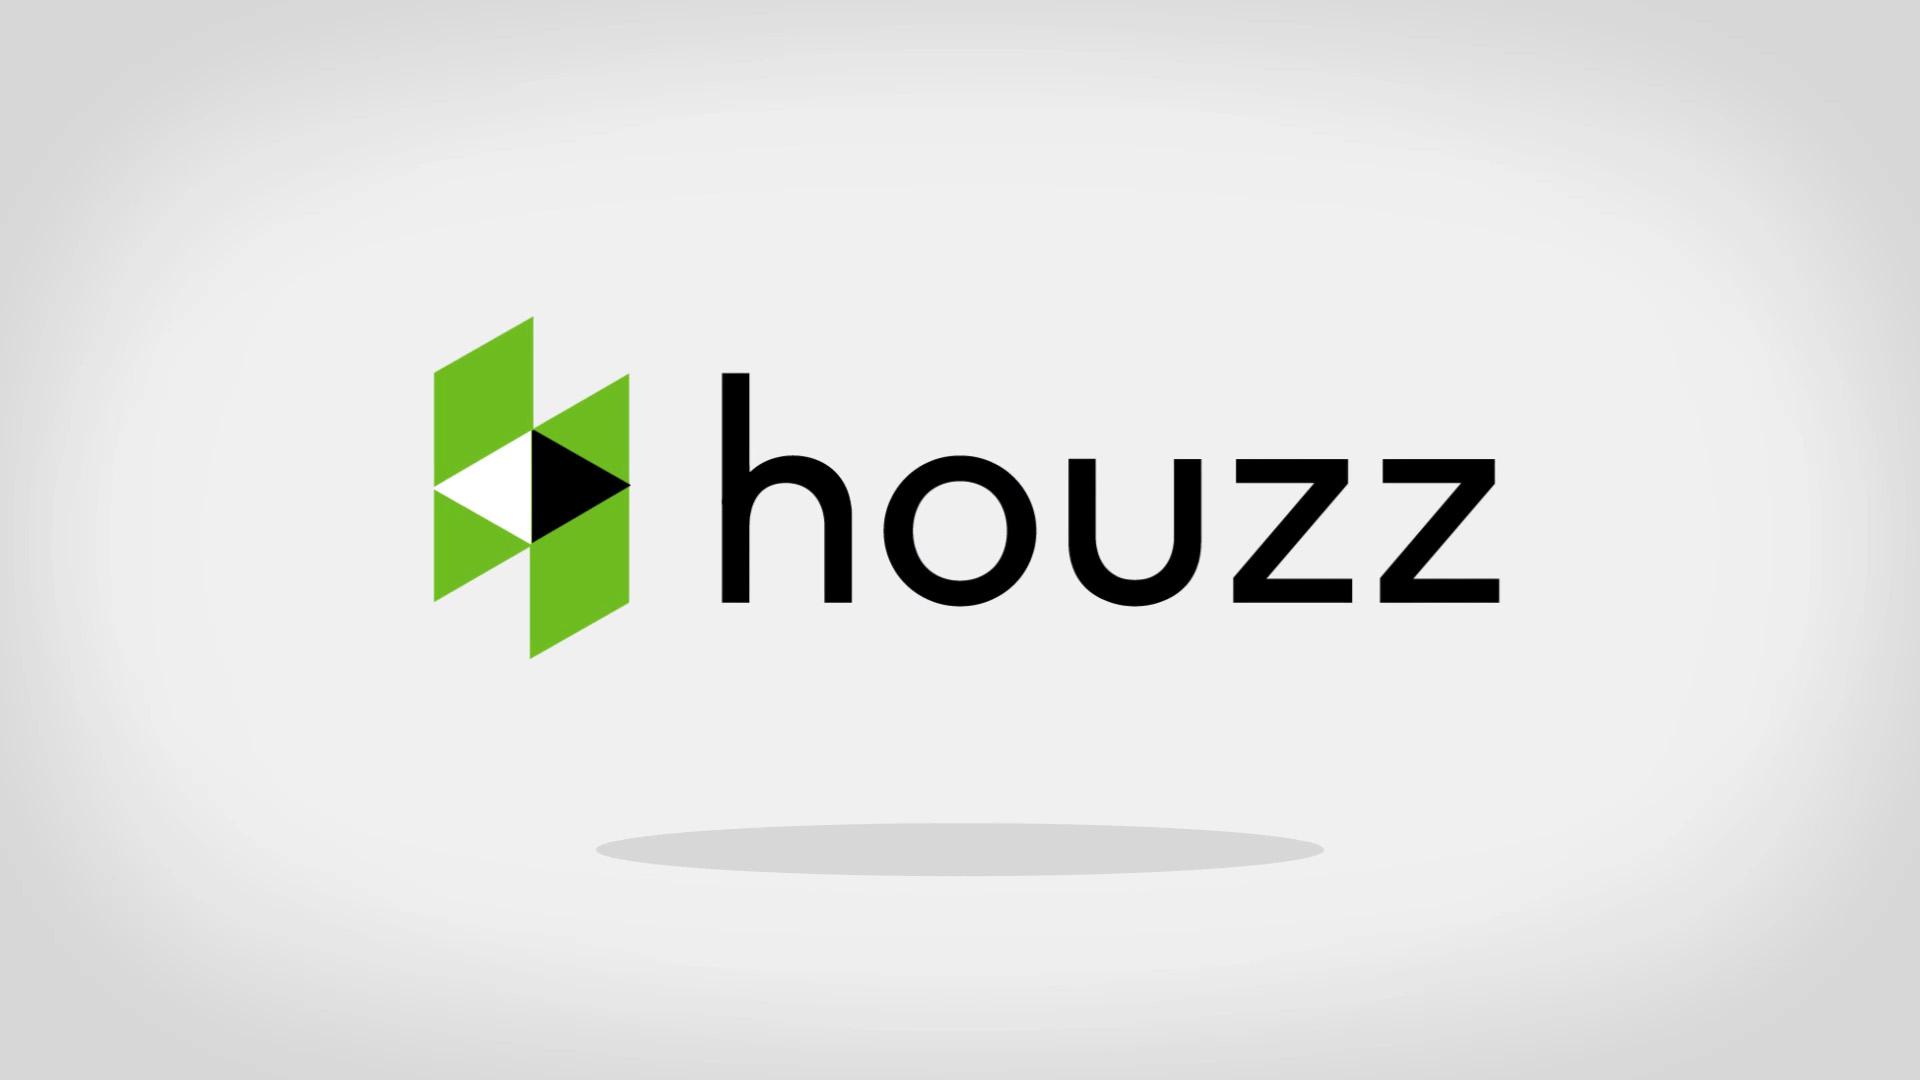 houzz marketing